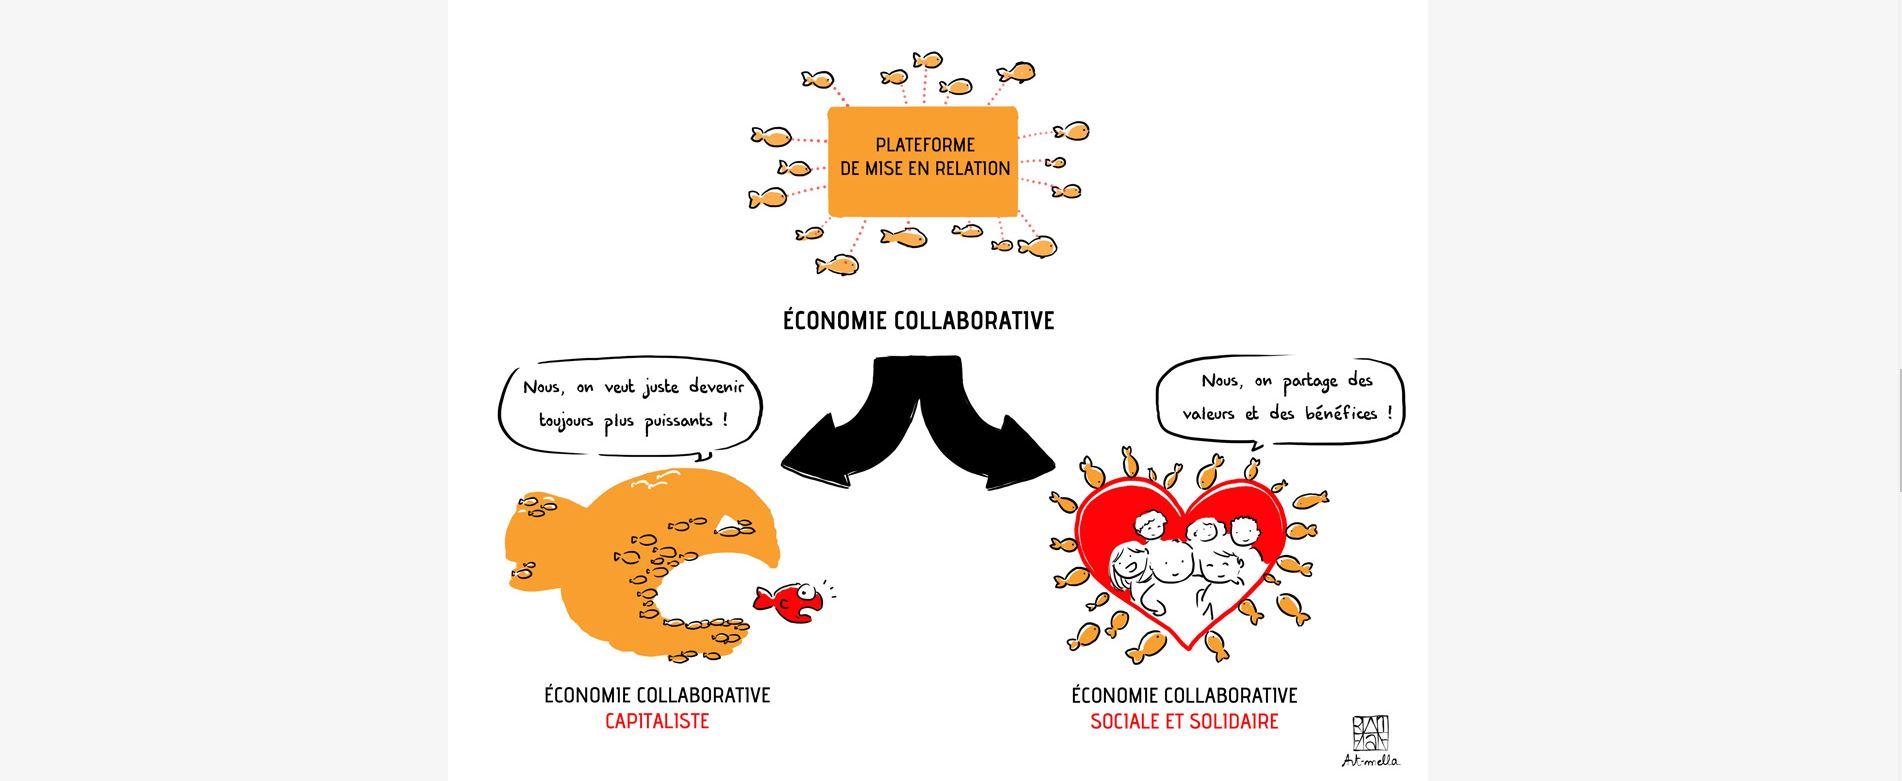 L'économie collaborative acquis une maturité ...